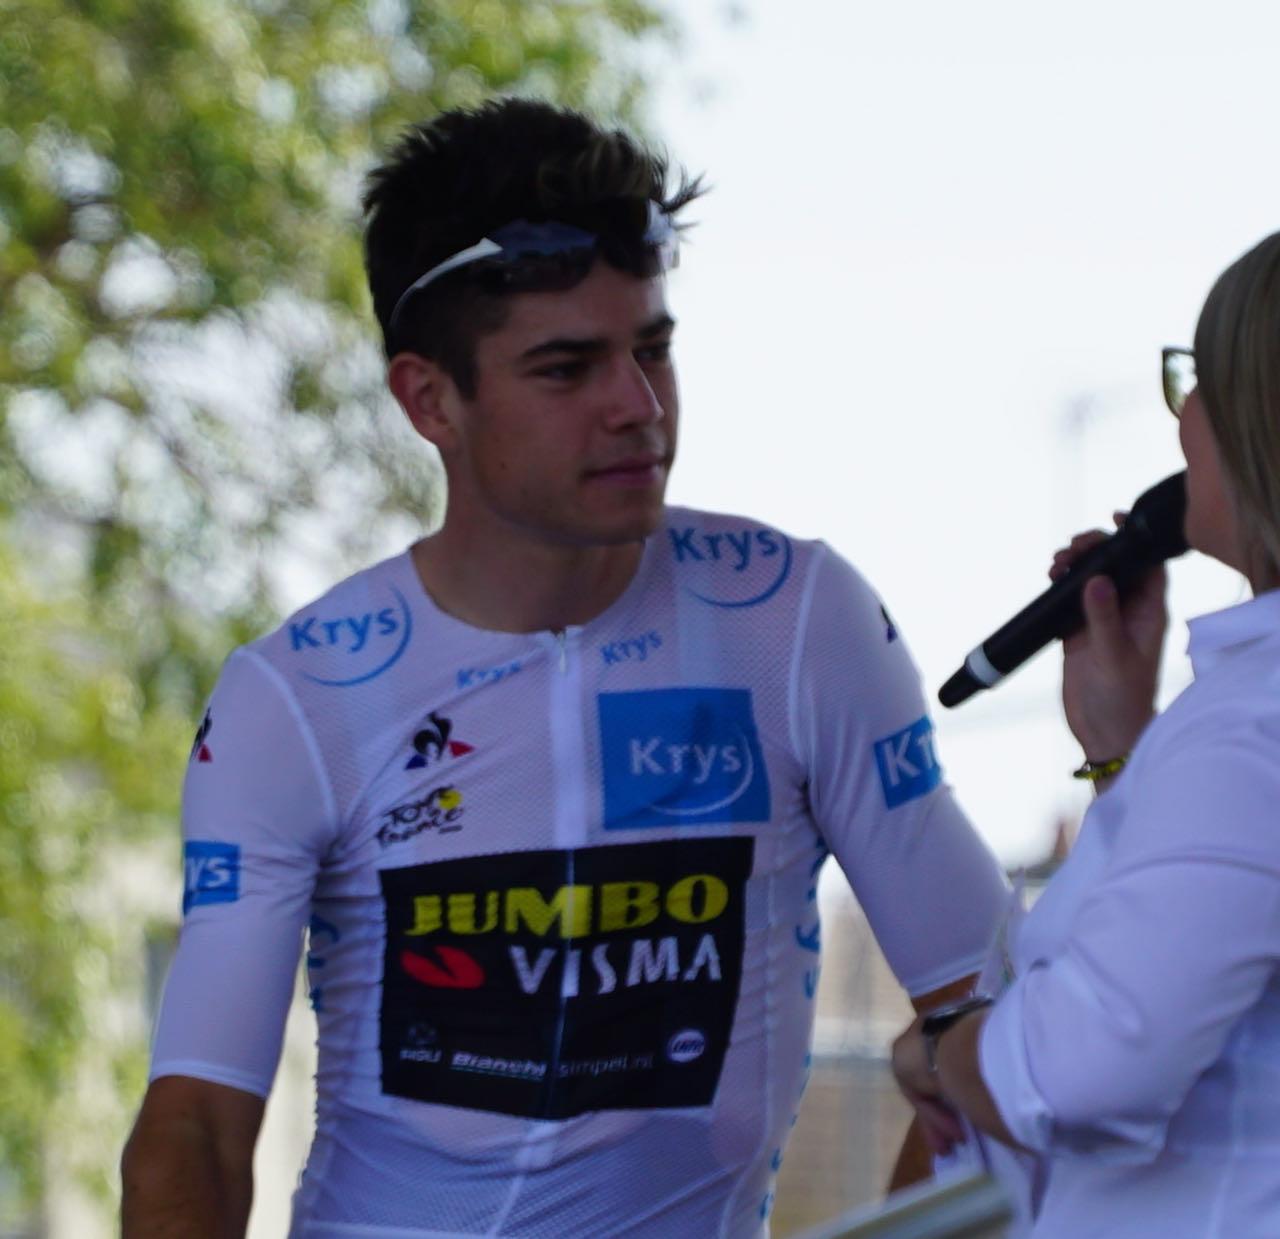 Woute Van Art Tour de France interview